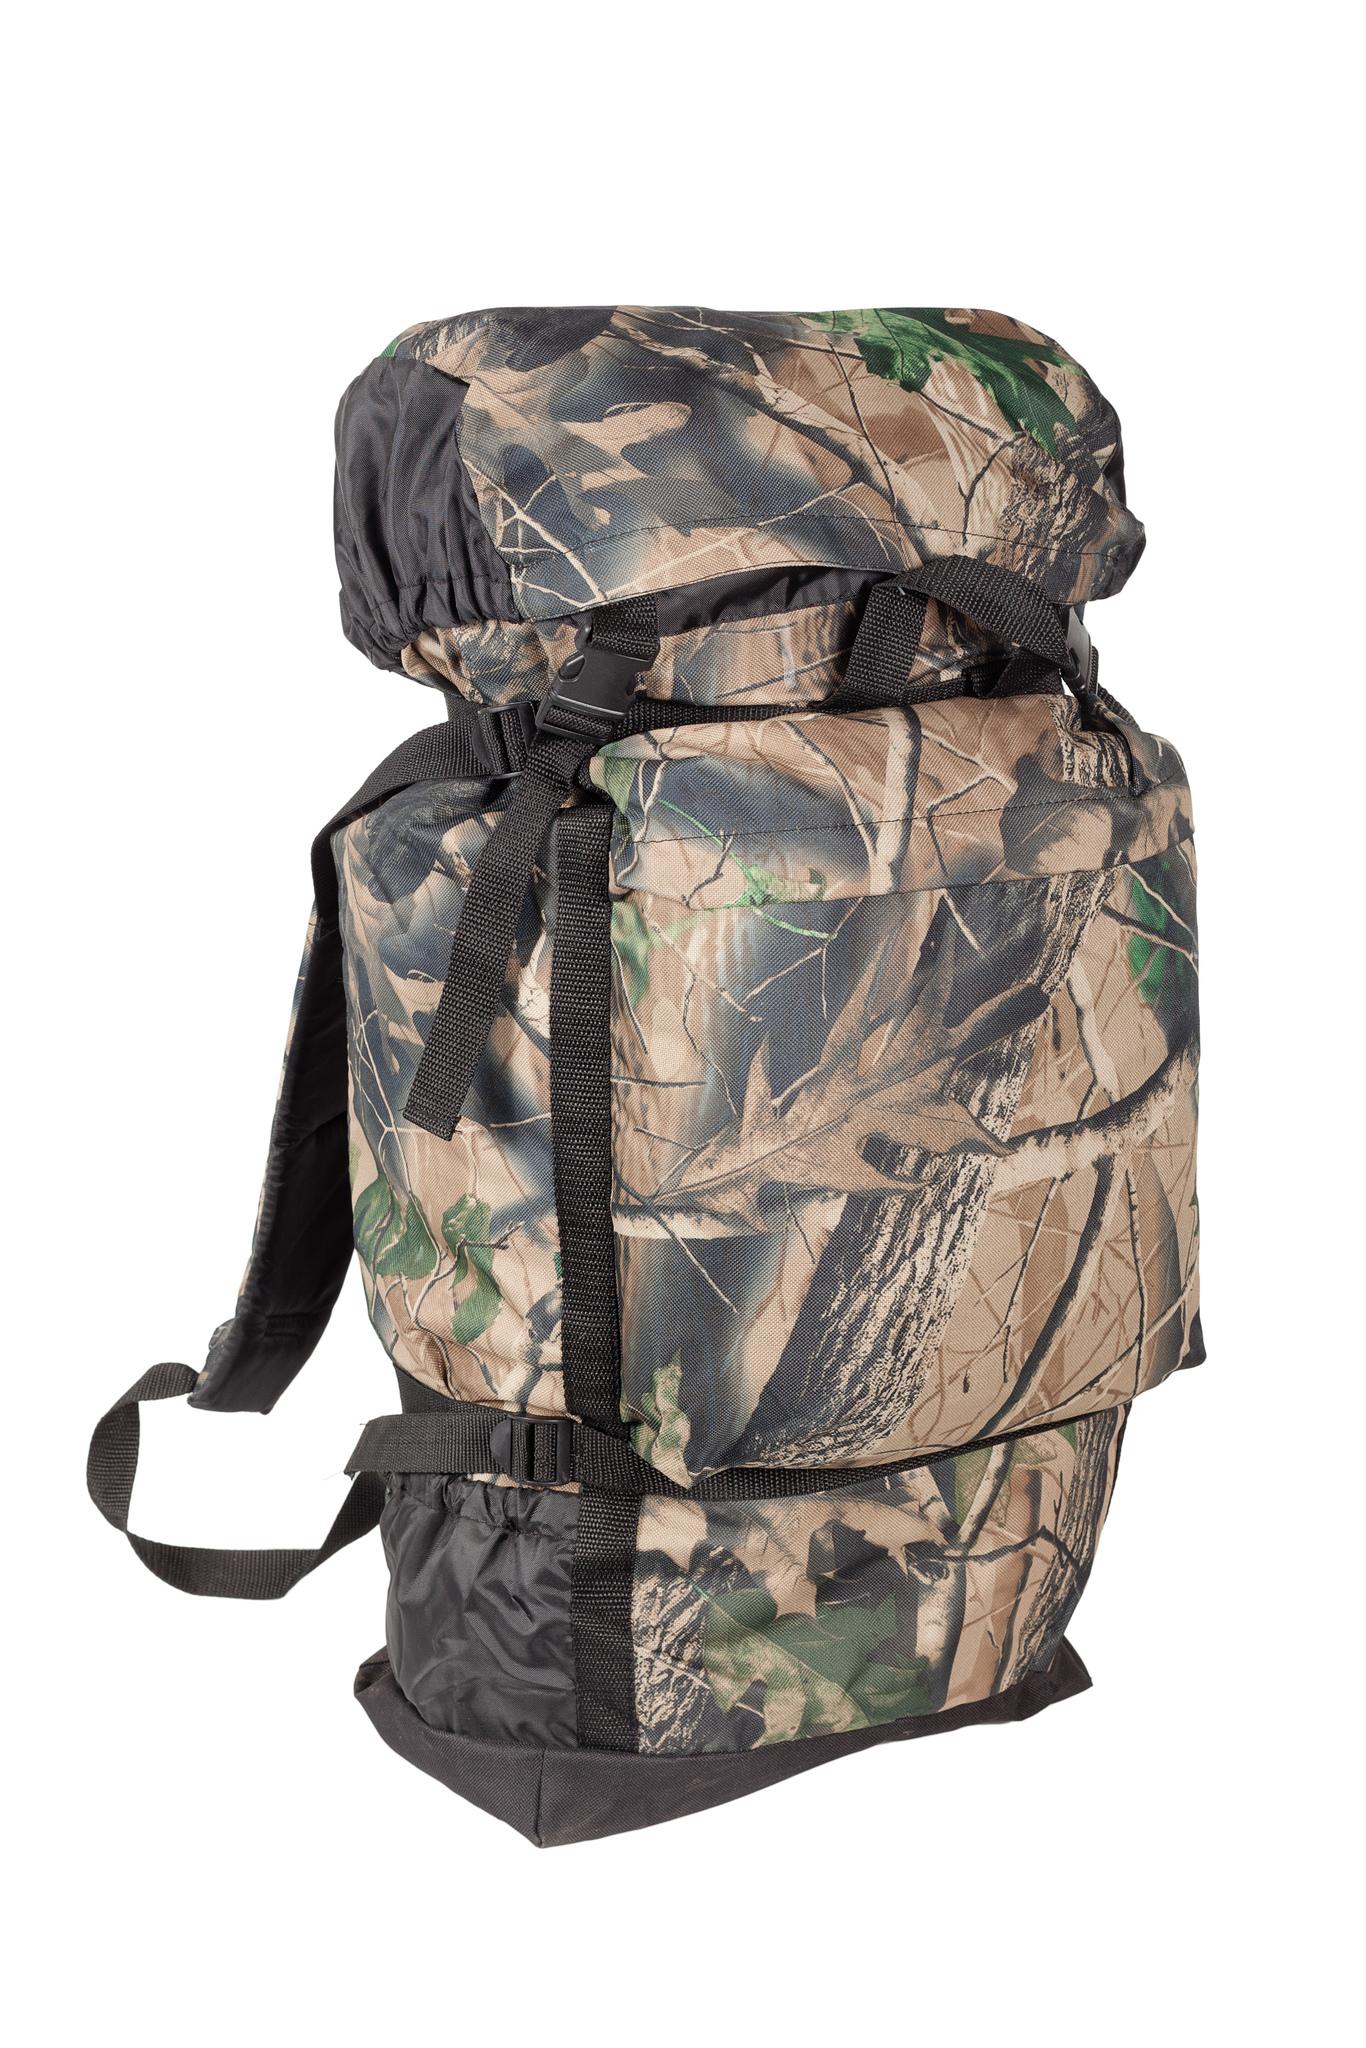 Туристический рюкзак Huntsman Боровик №40 40